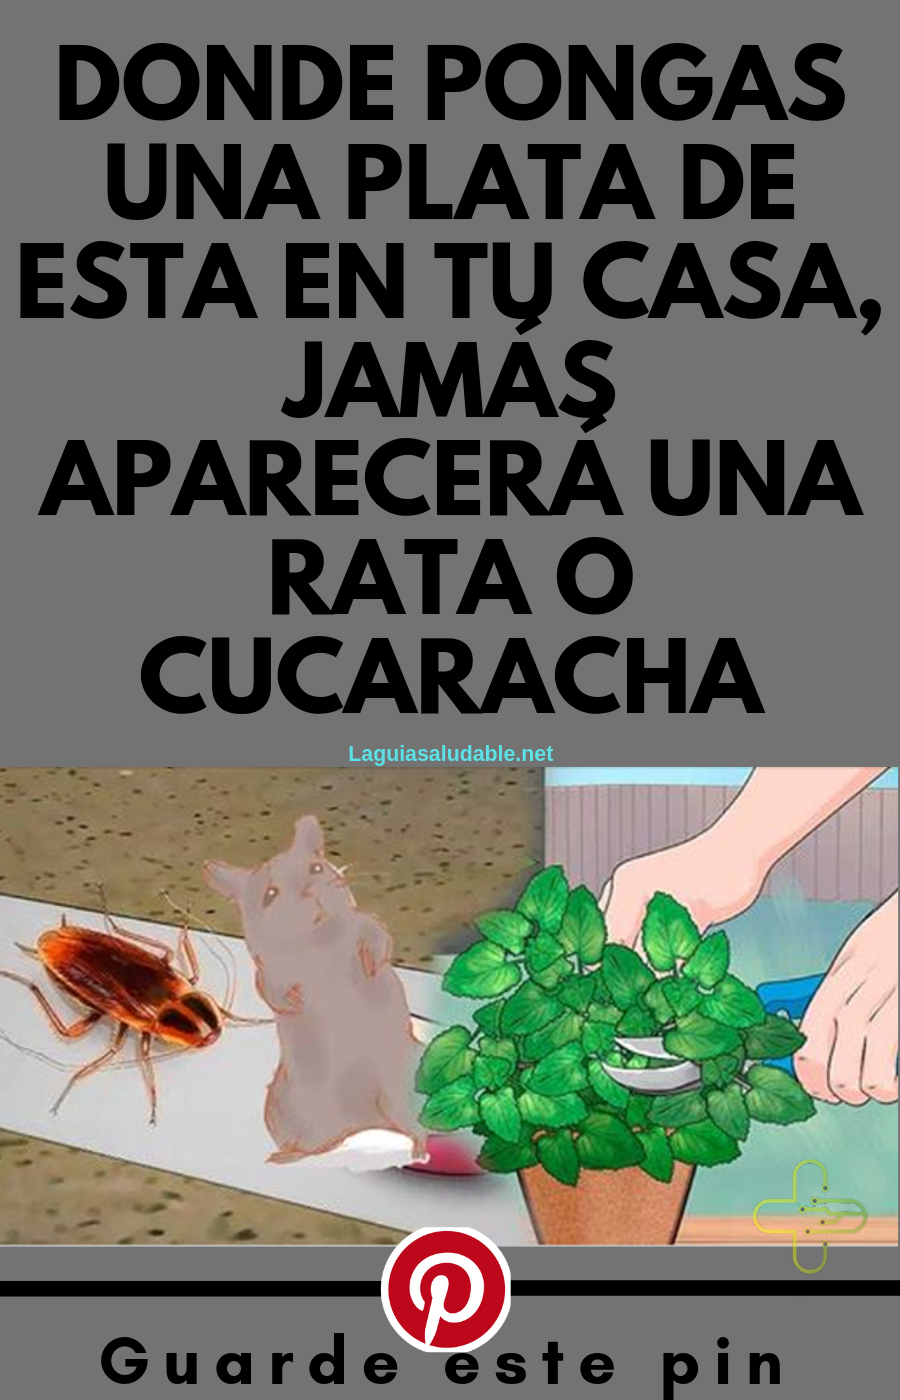 Como Acabar Con Las Ratas En El Campo Donde Pongas Una Planta De Esta En Tu Casa Jamas Aparecera Una